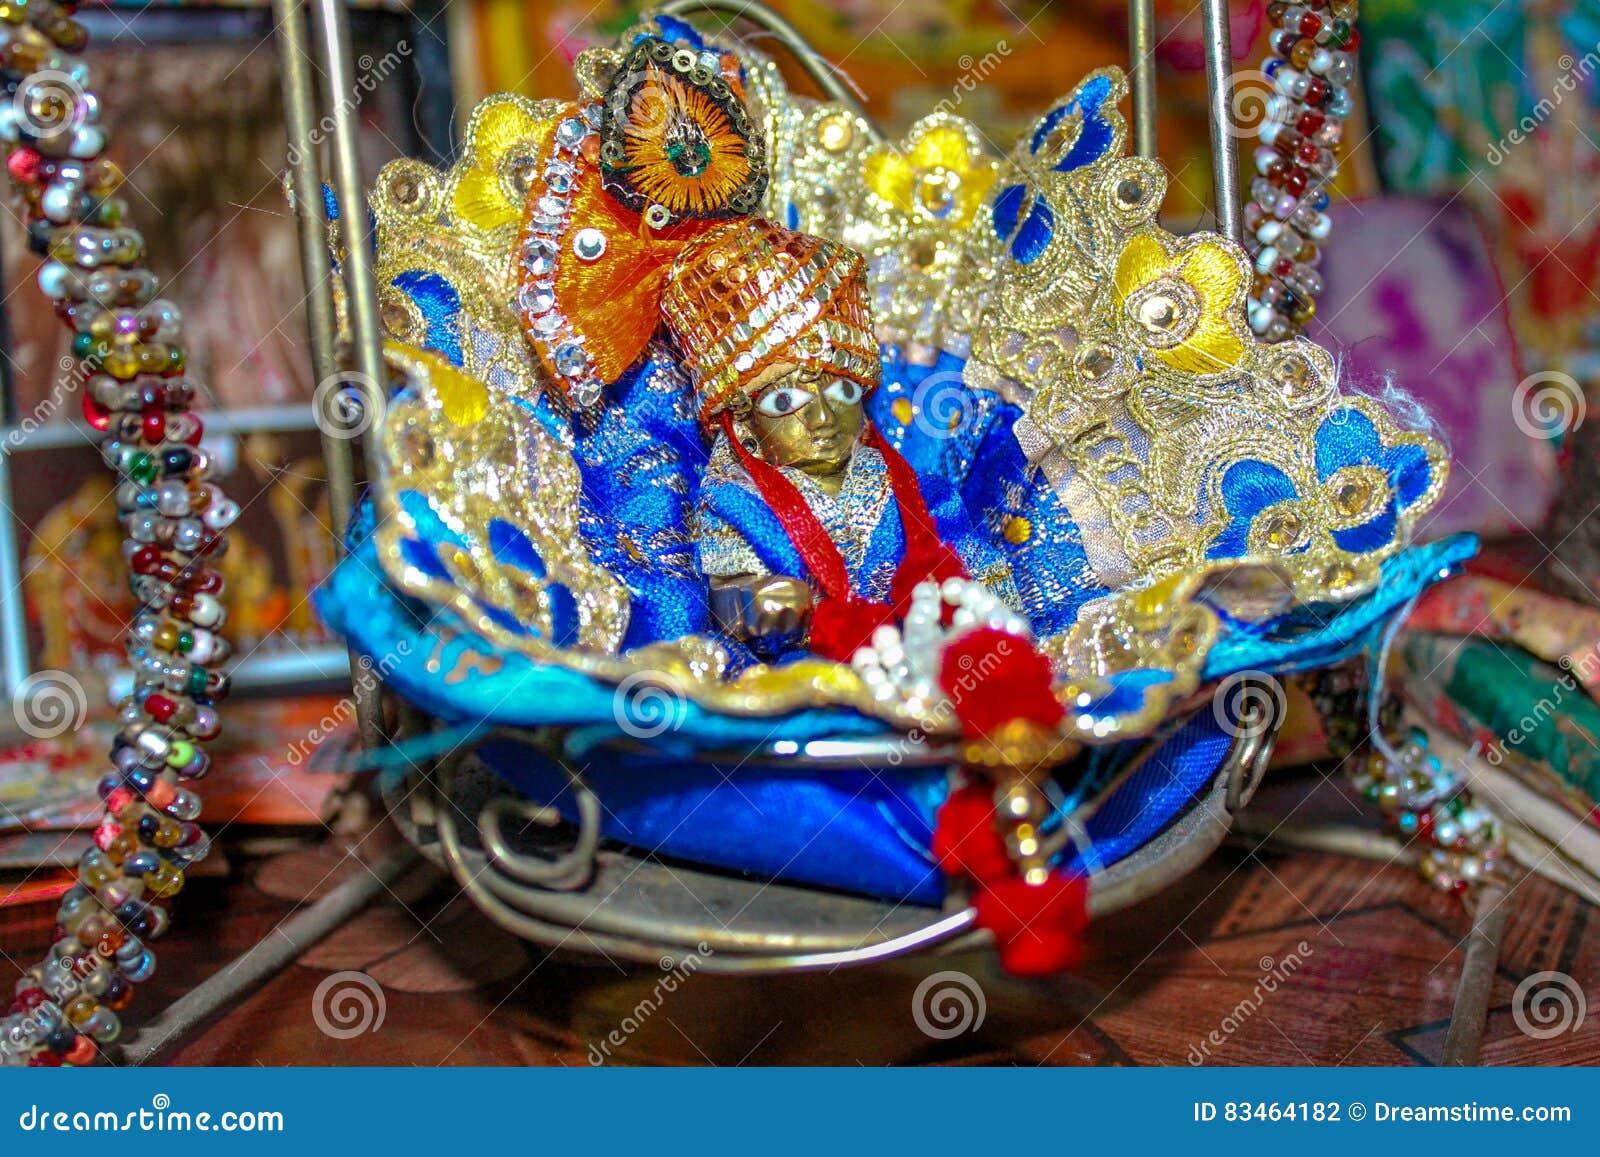 laddu gopal photo lord child form lord krishna 83464182